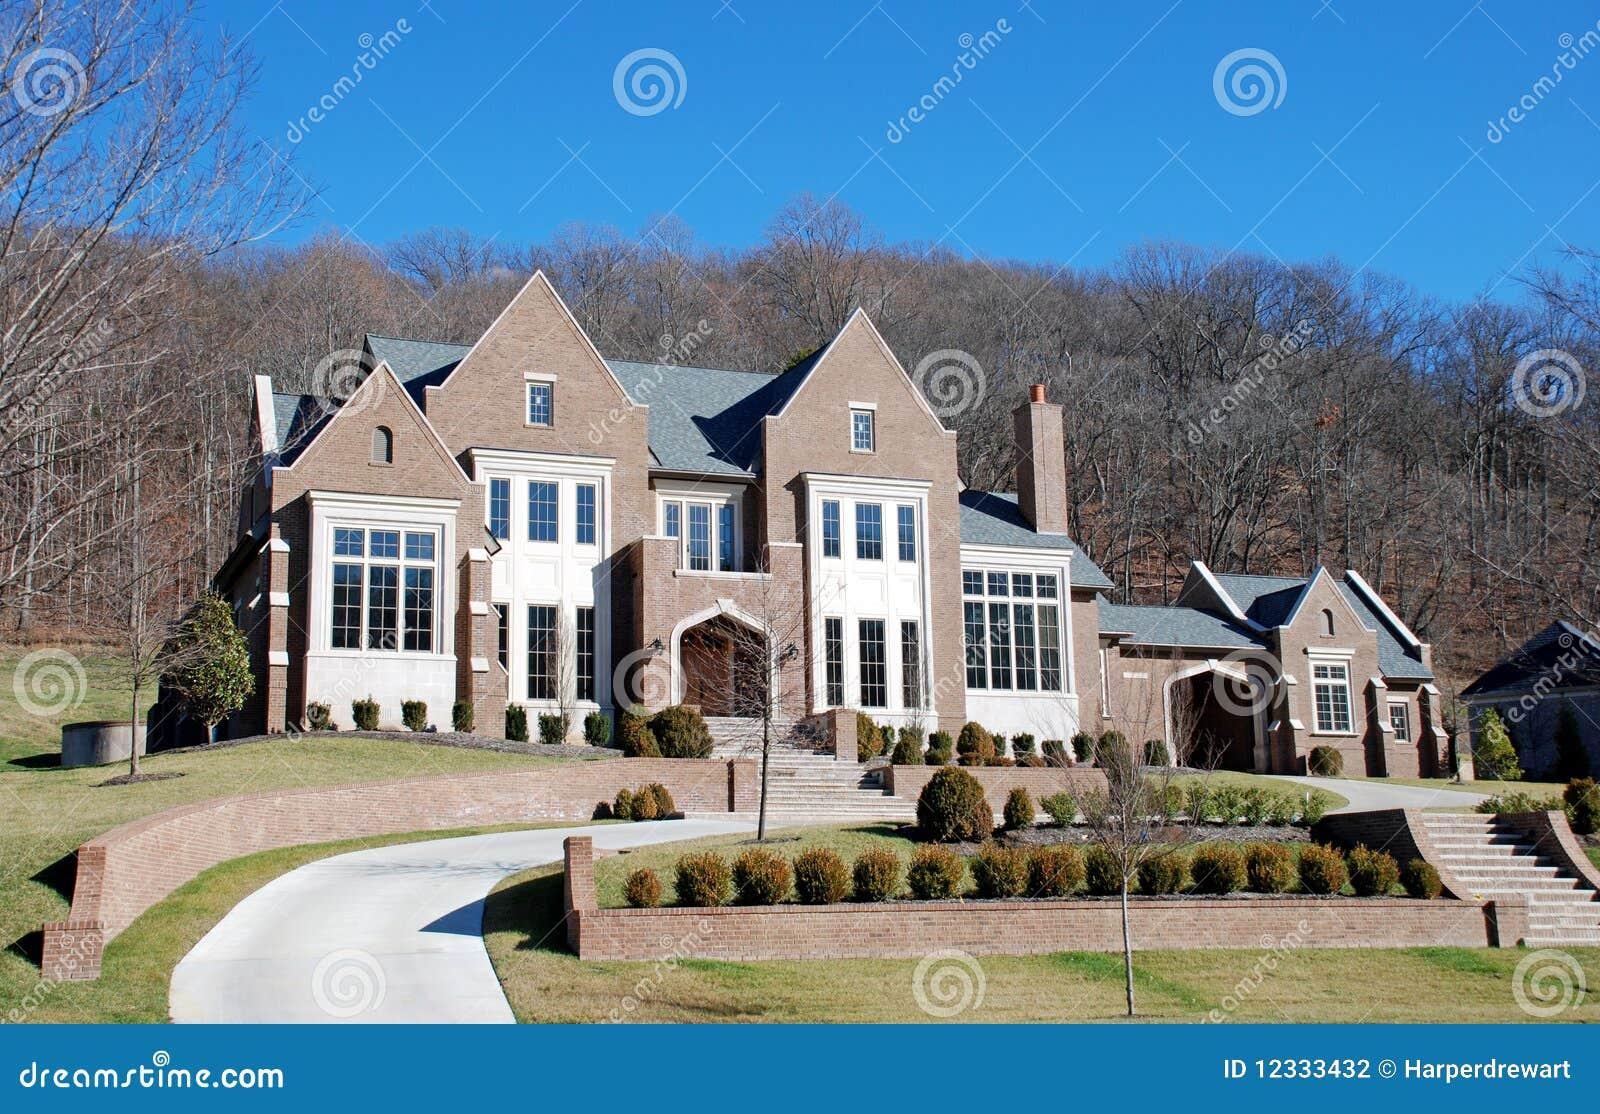 Hoekig huis 28 van de luxe stock fotografie afbeelding 12333432 - Eigentijds buitenkant terras ...